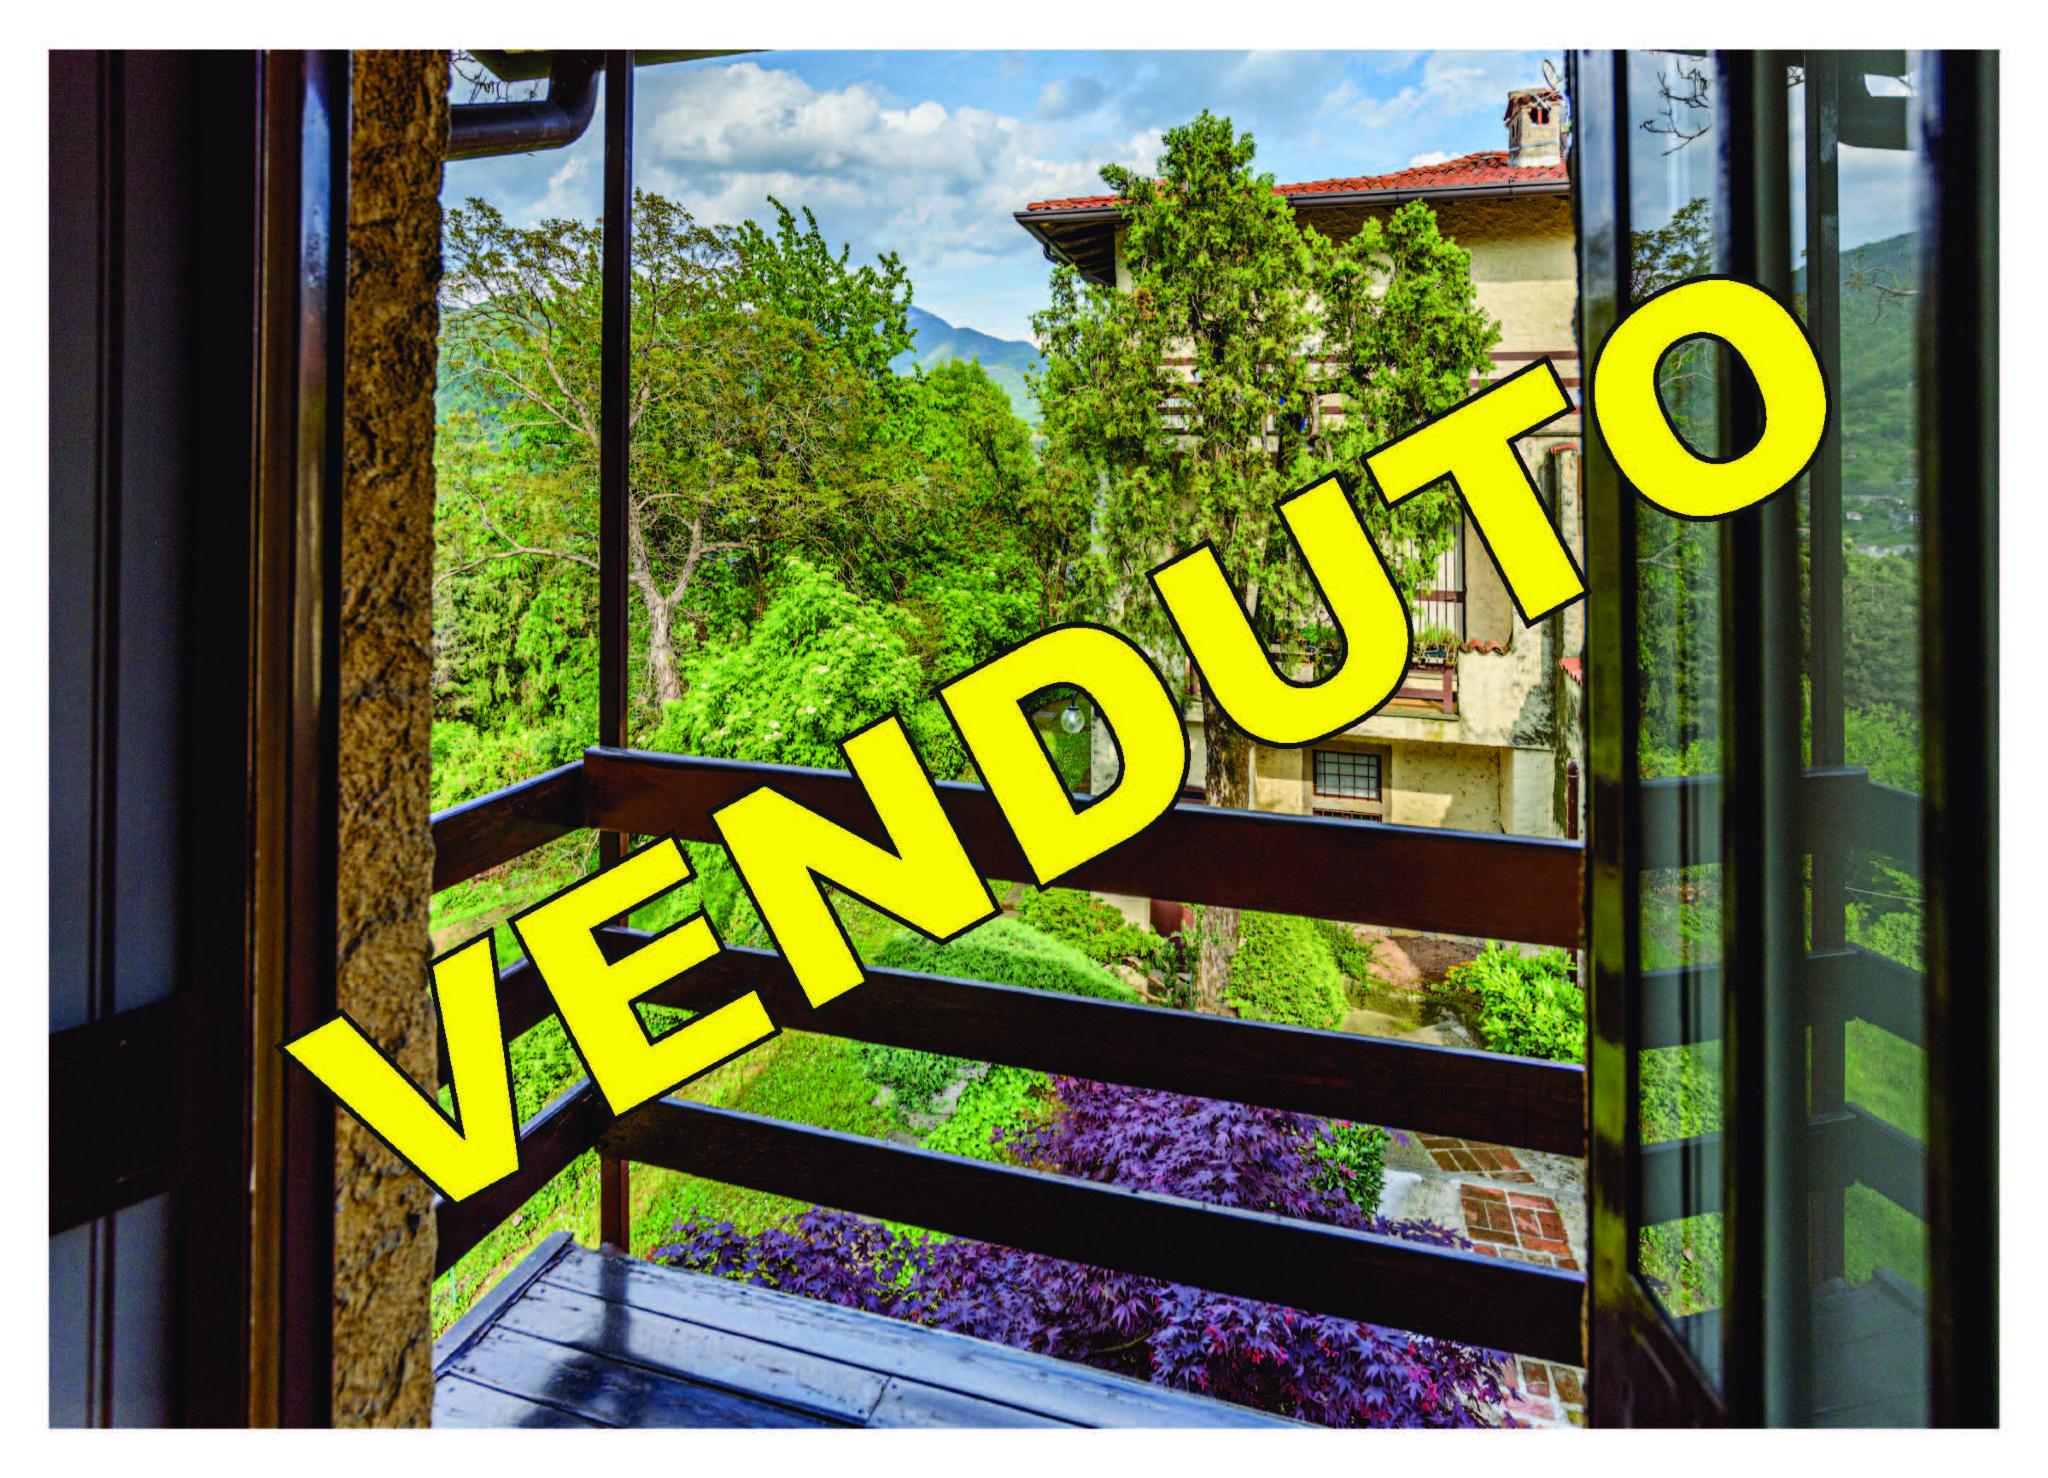 Appartamento in vendita a Foresto Sparso, 2 locali, prezzo € 40.000   PortaleAgenzieImmobiliari.it